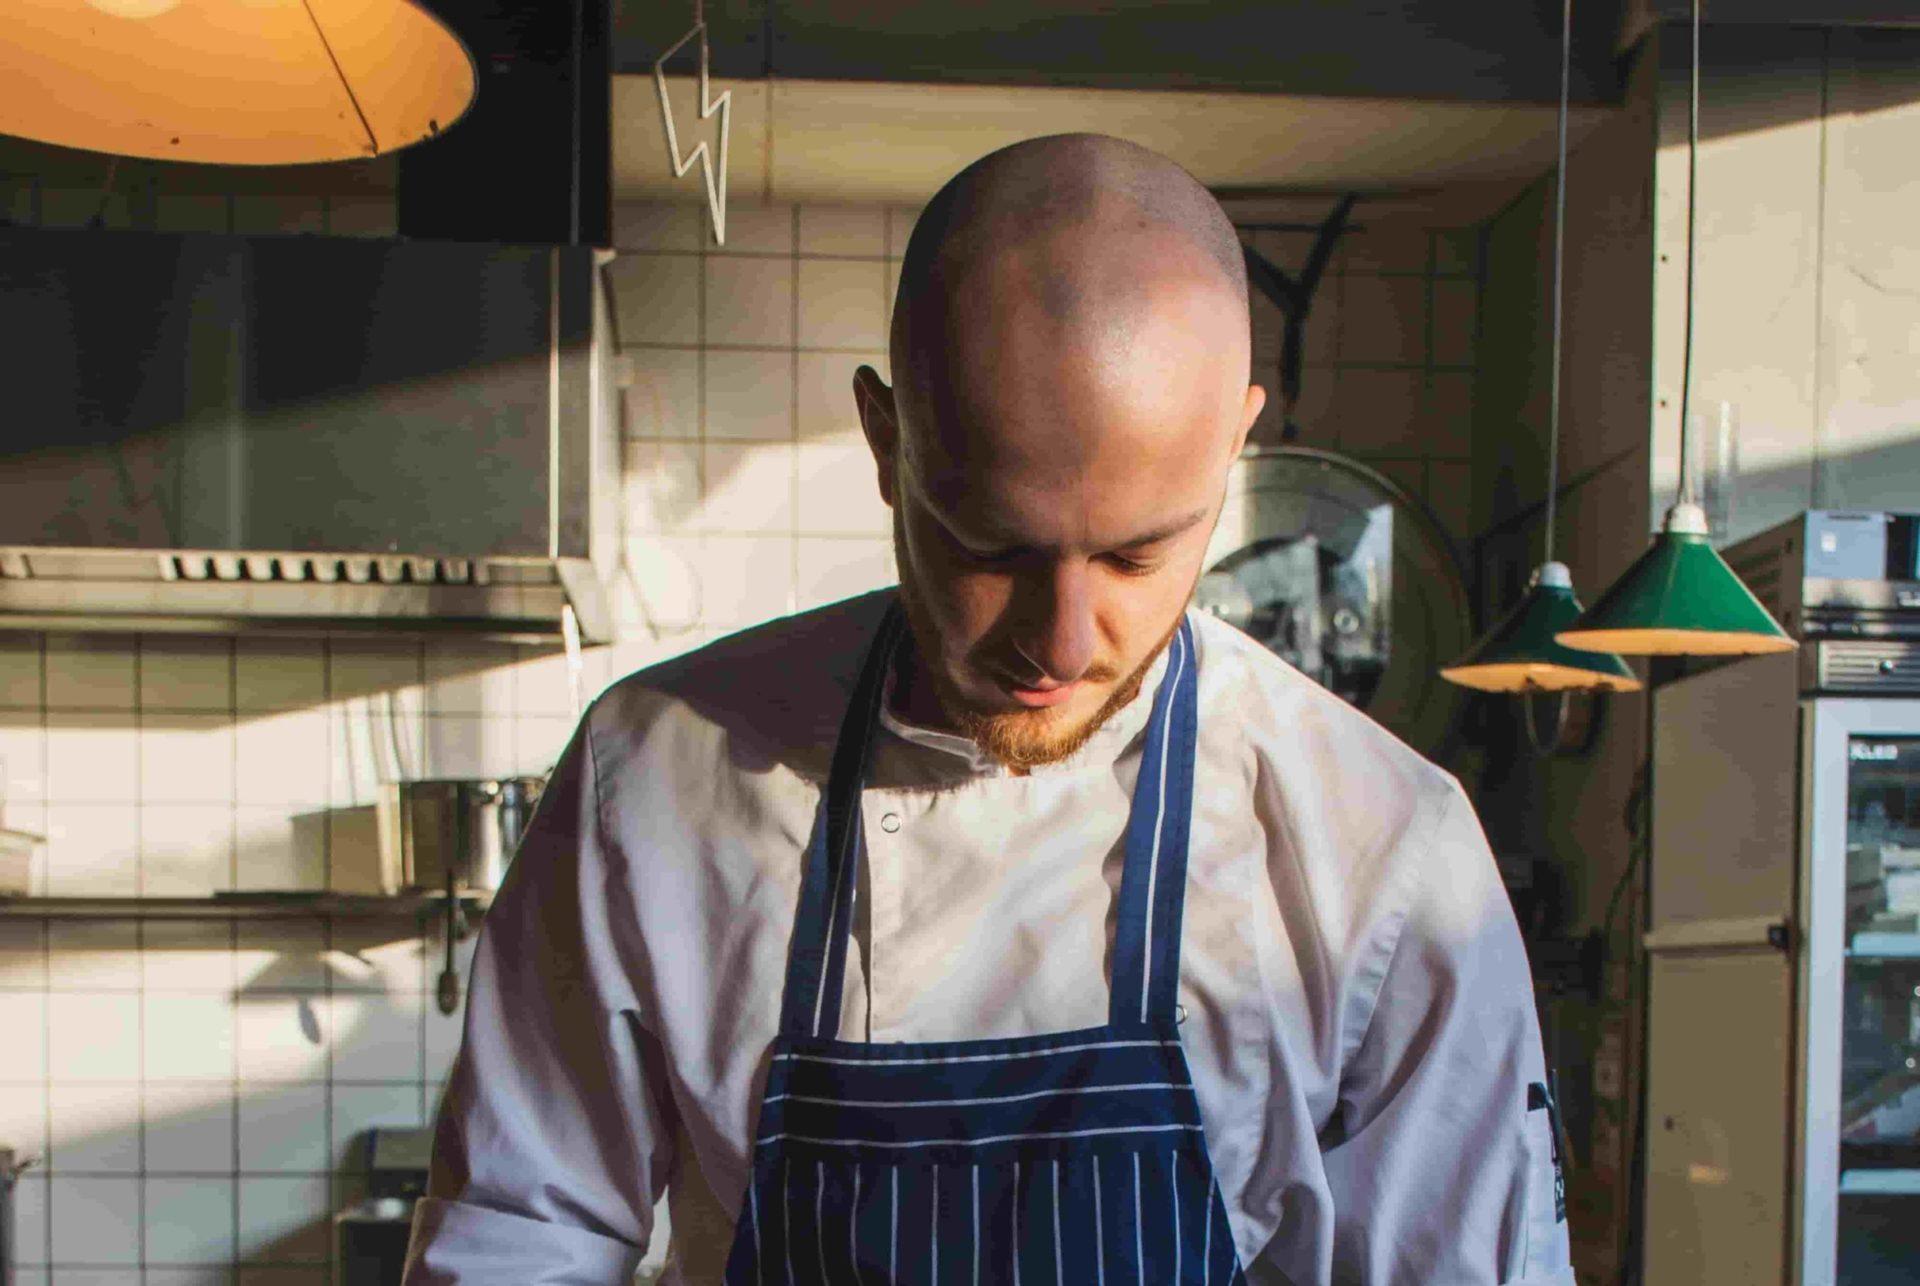 Mit fleißigem Küchenpersonal von ucm.agency wird Ihre Veranstaltung zum vollen Erfolg